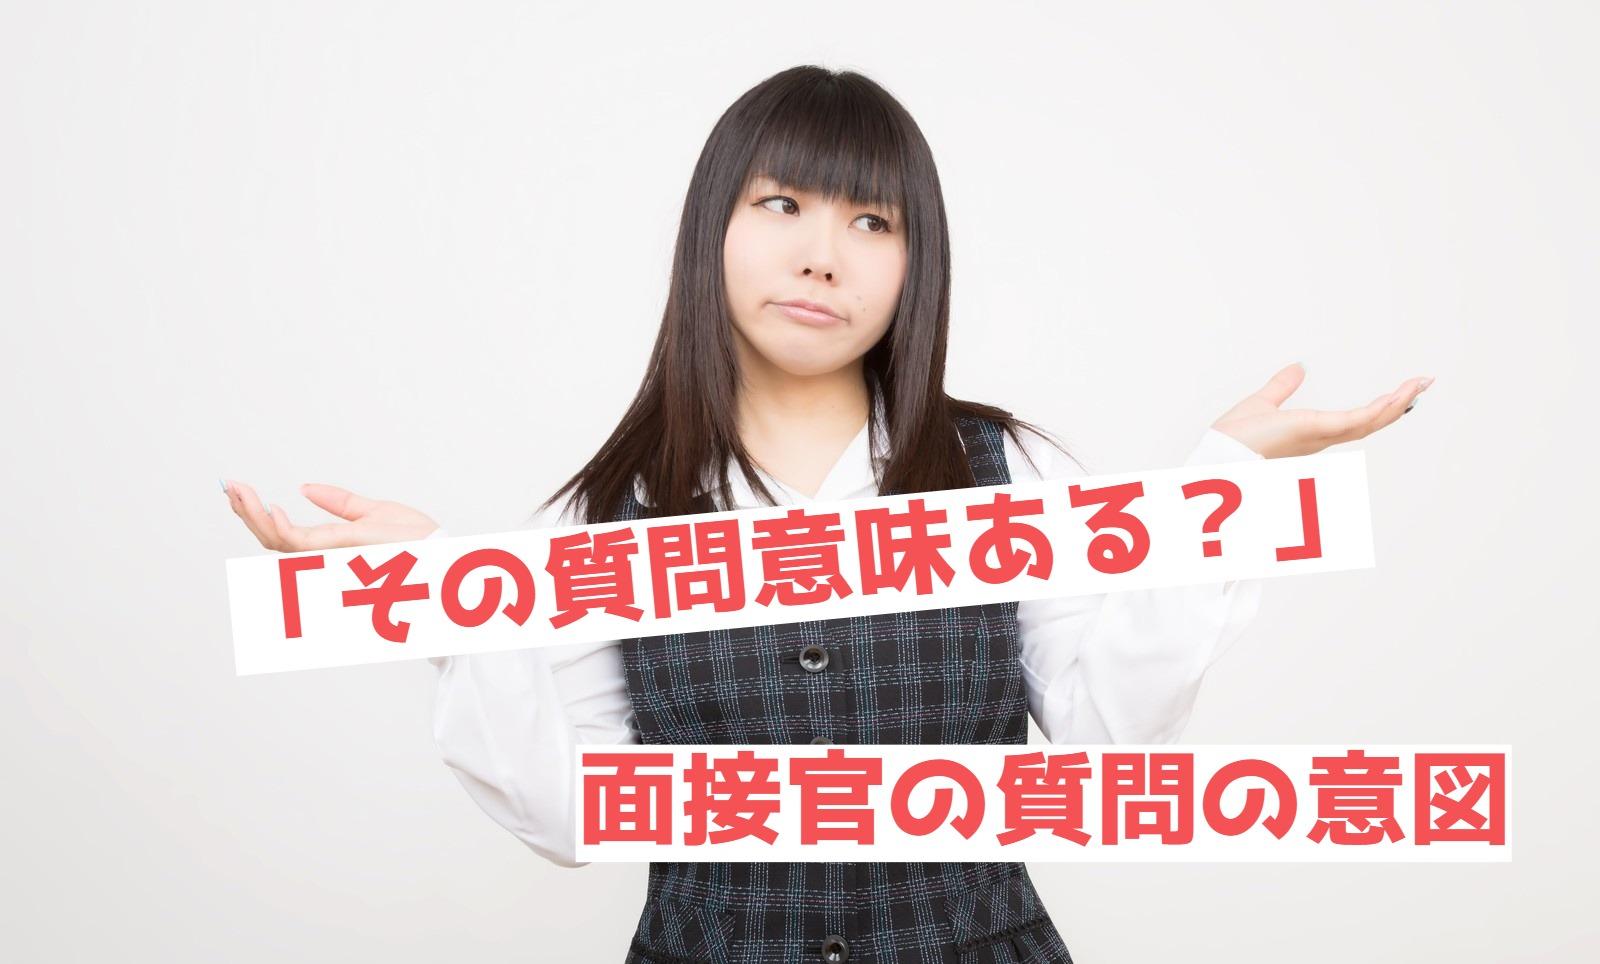 「その質問意味あるの?」面接官の質問の意図から考える面接対策